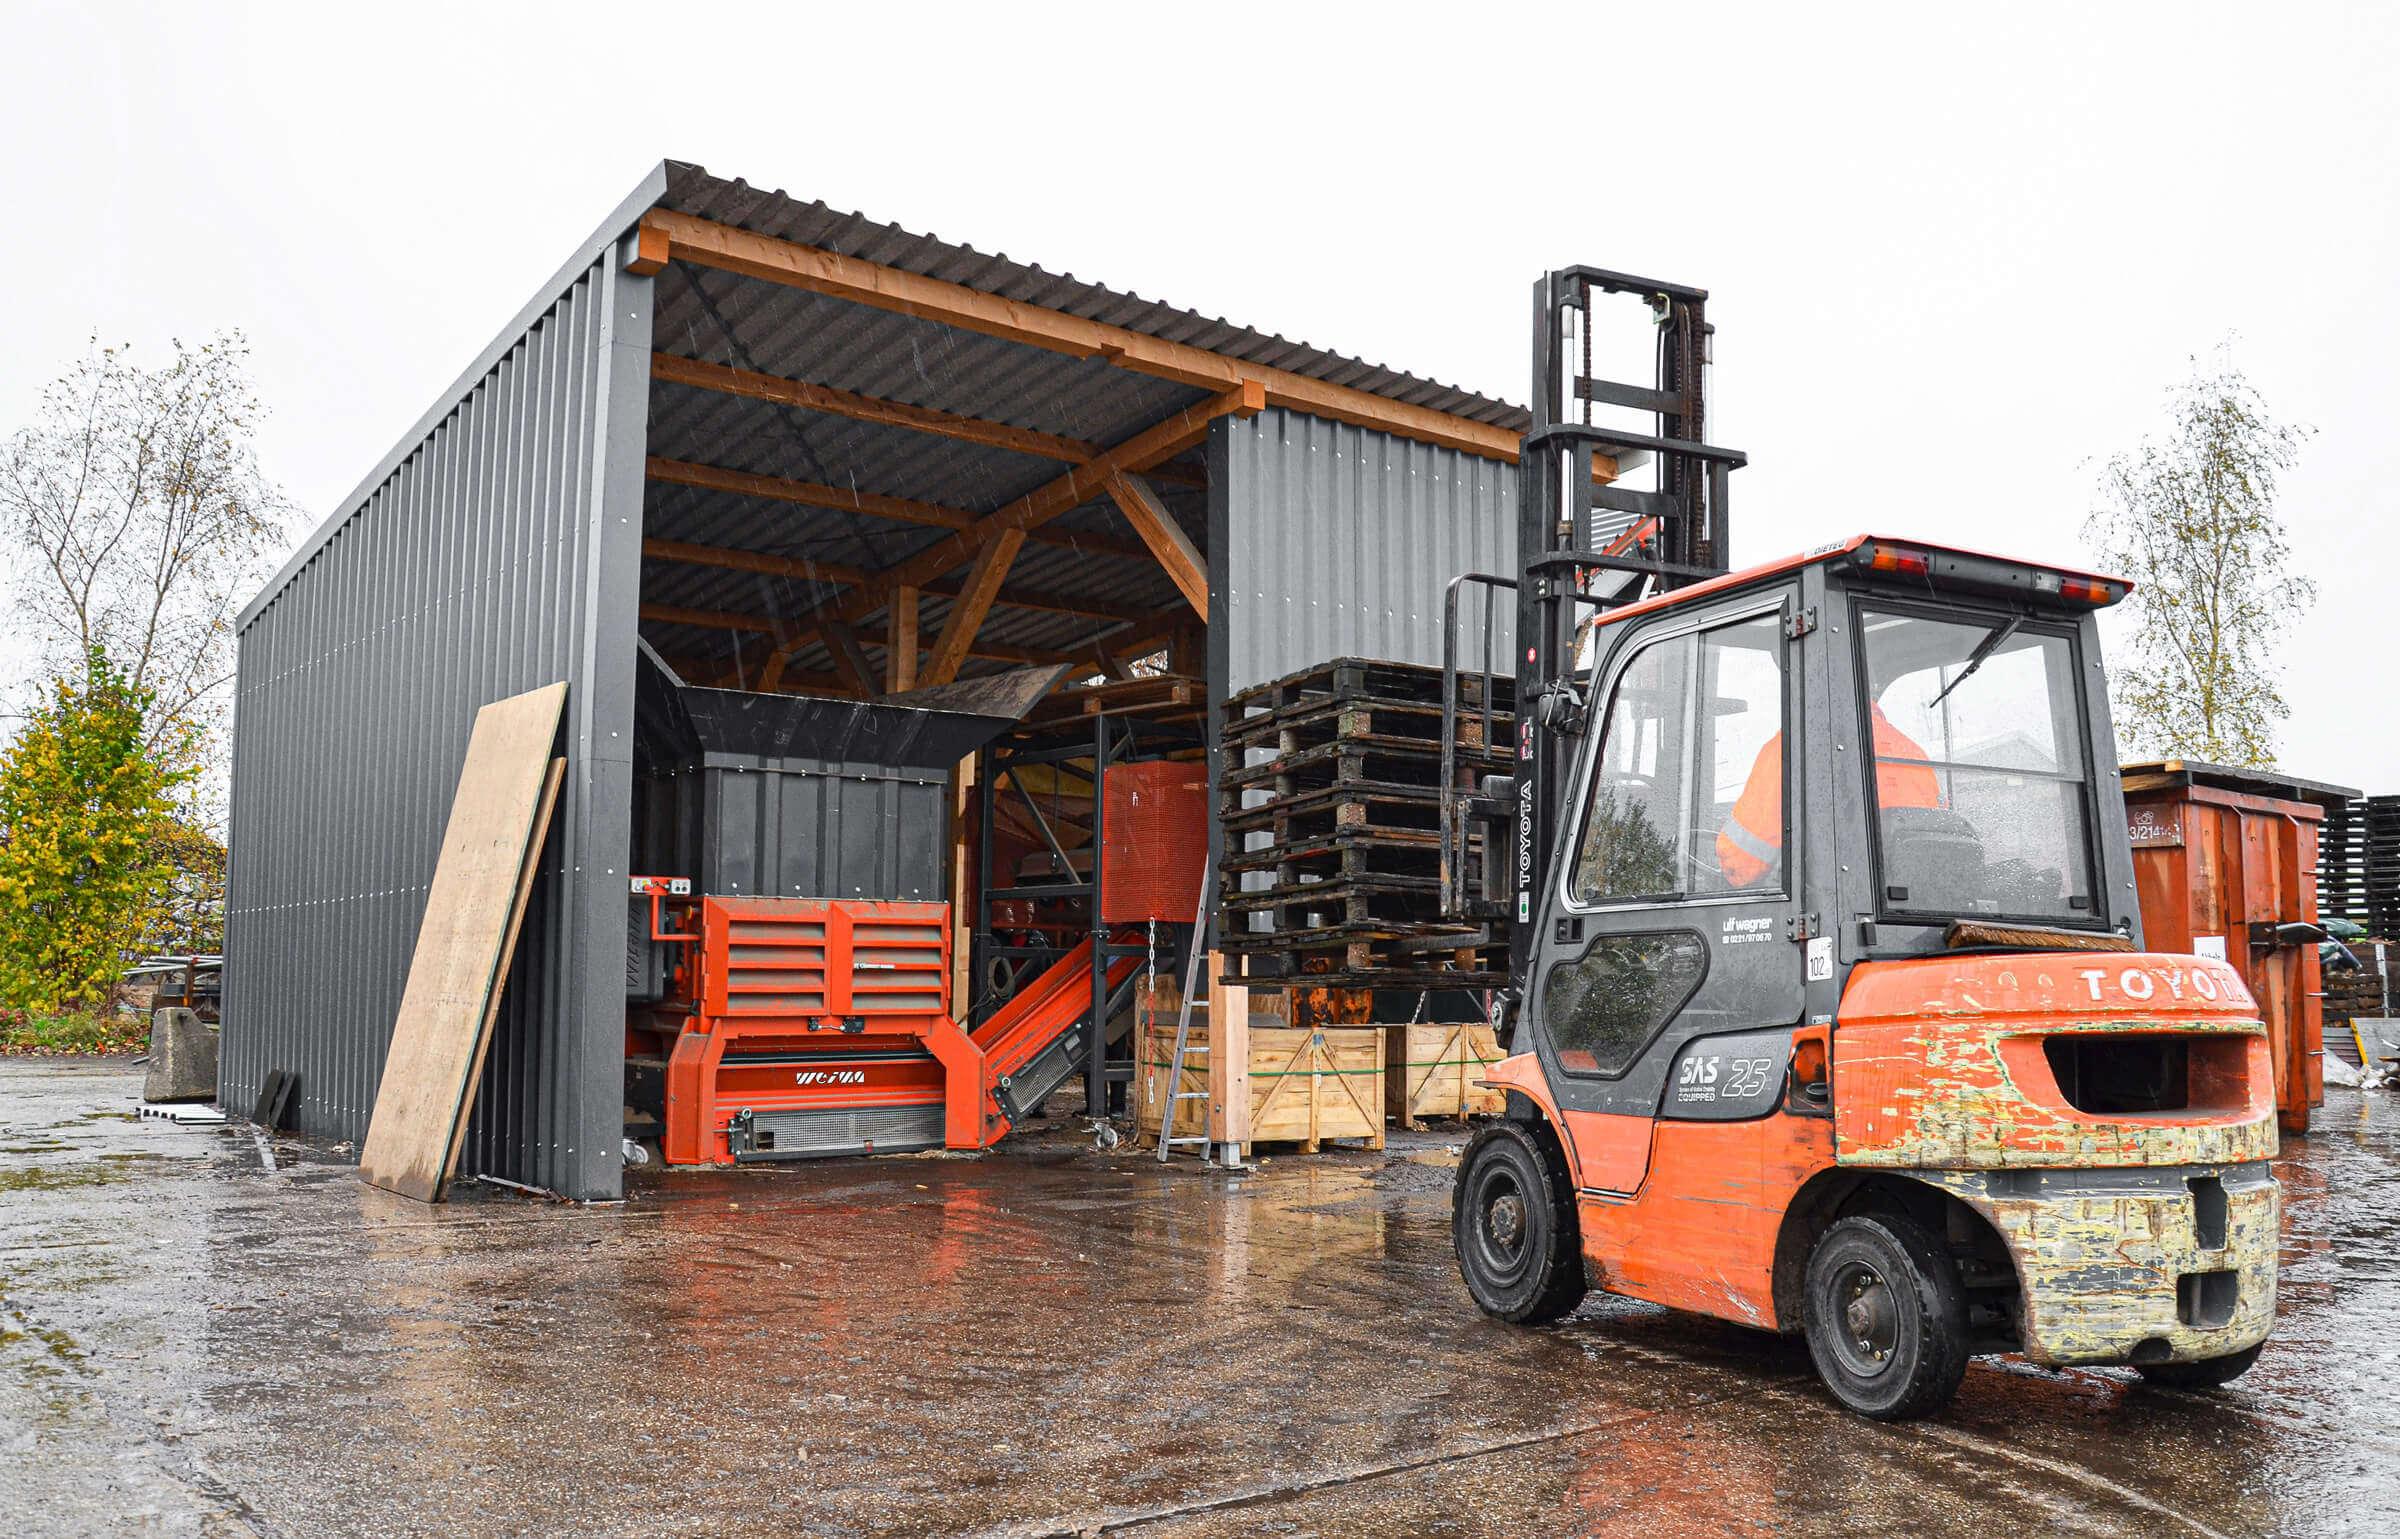 Shredder loading by truck